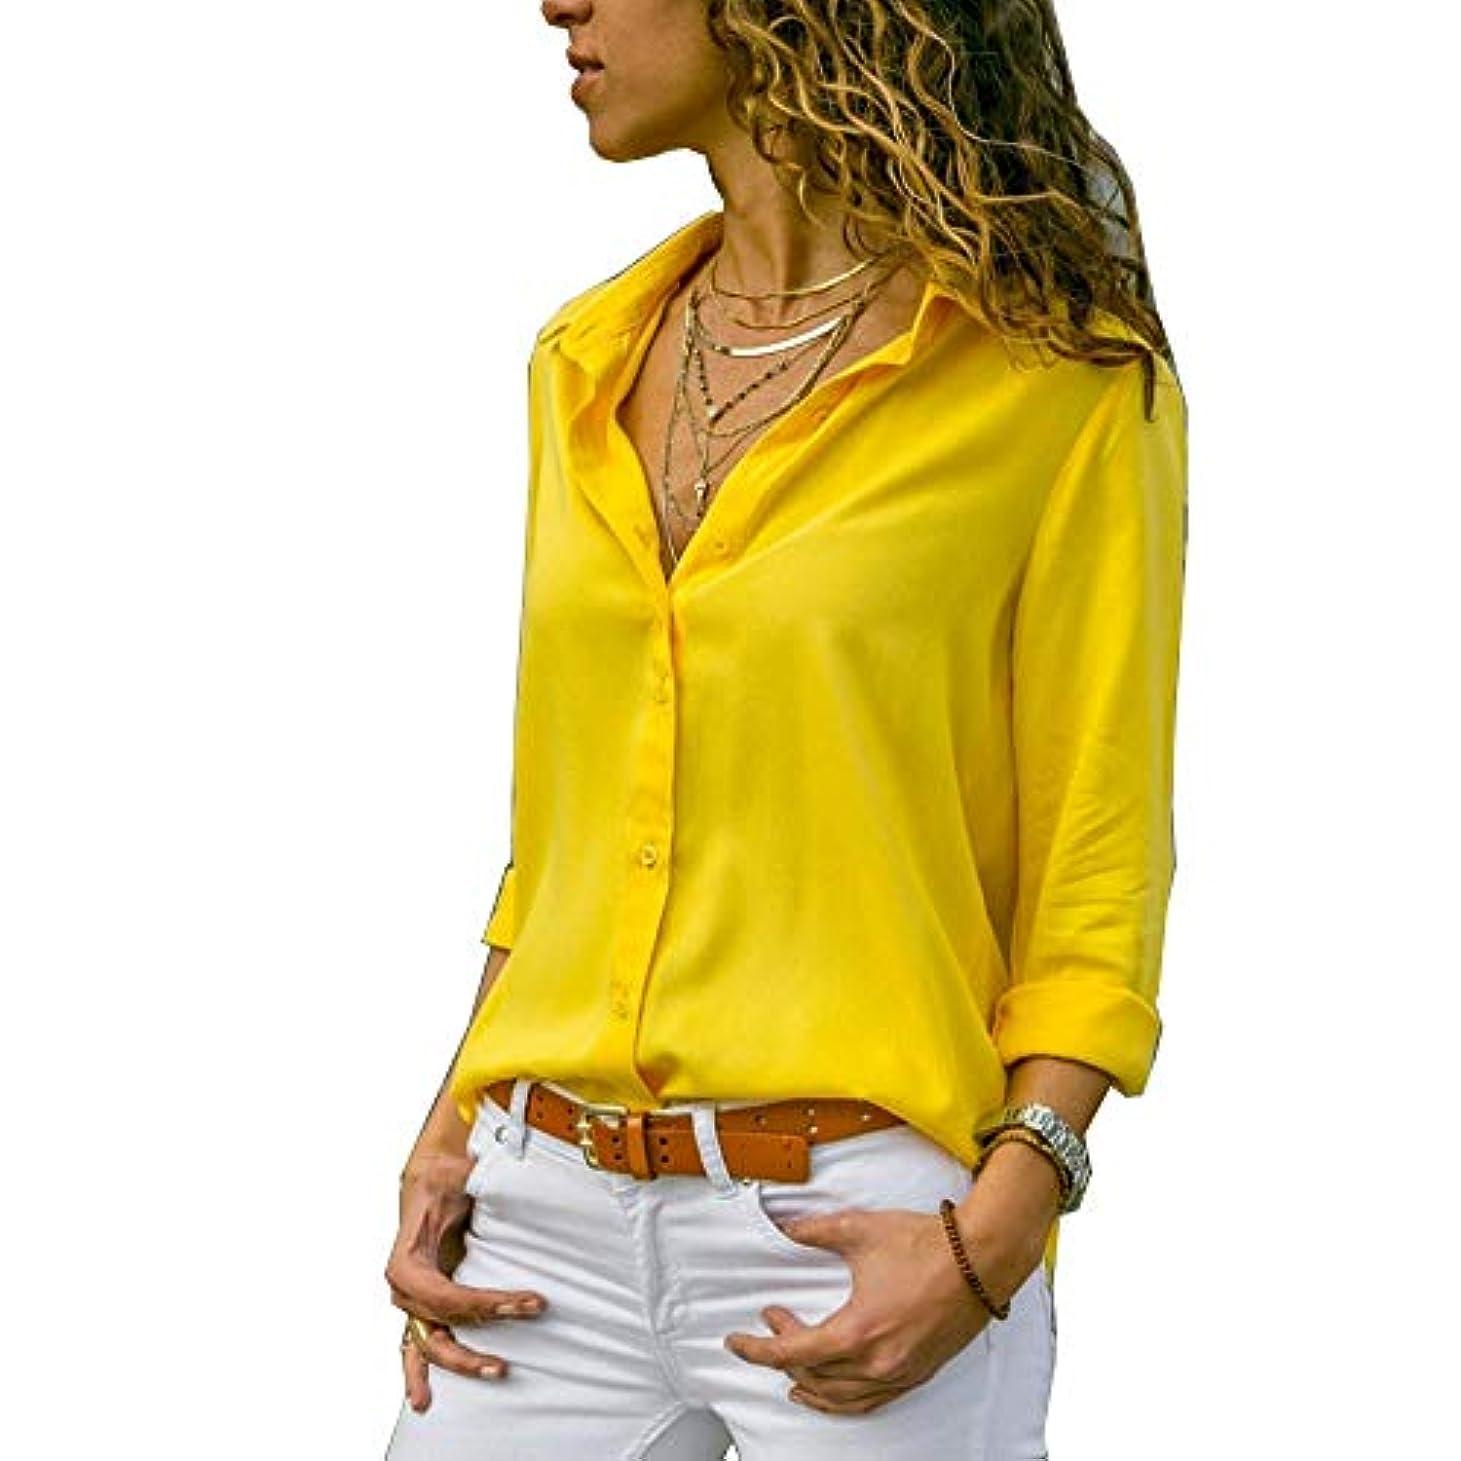 優越テーブル吸い込むMIFAN ルーズシャツ、トップス&Tシャツ、プラスサイズ、トップス&ブラウス、シフォンブラウス、女性トップス、シフォンシャツ